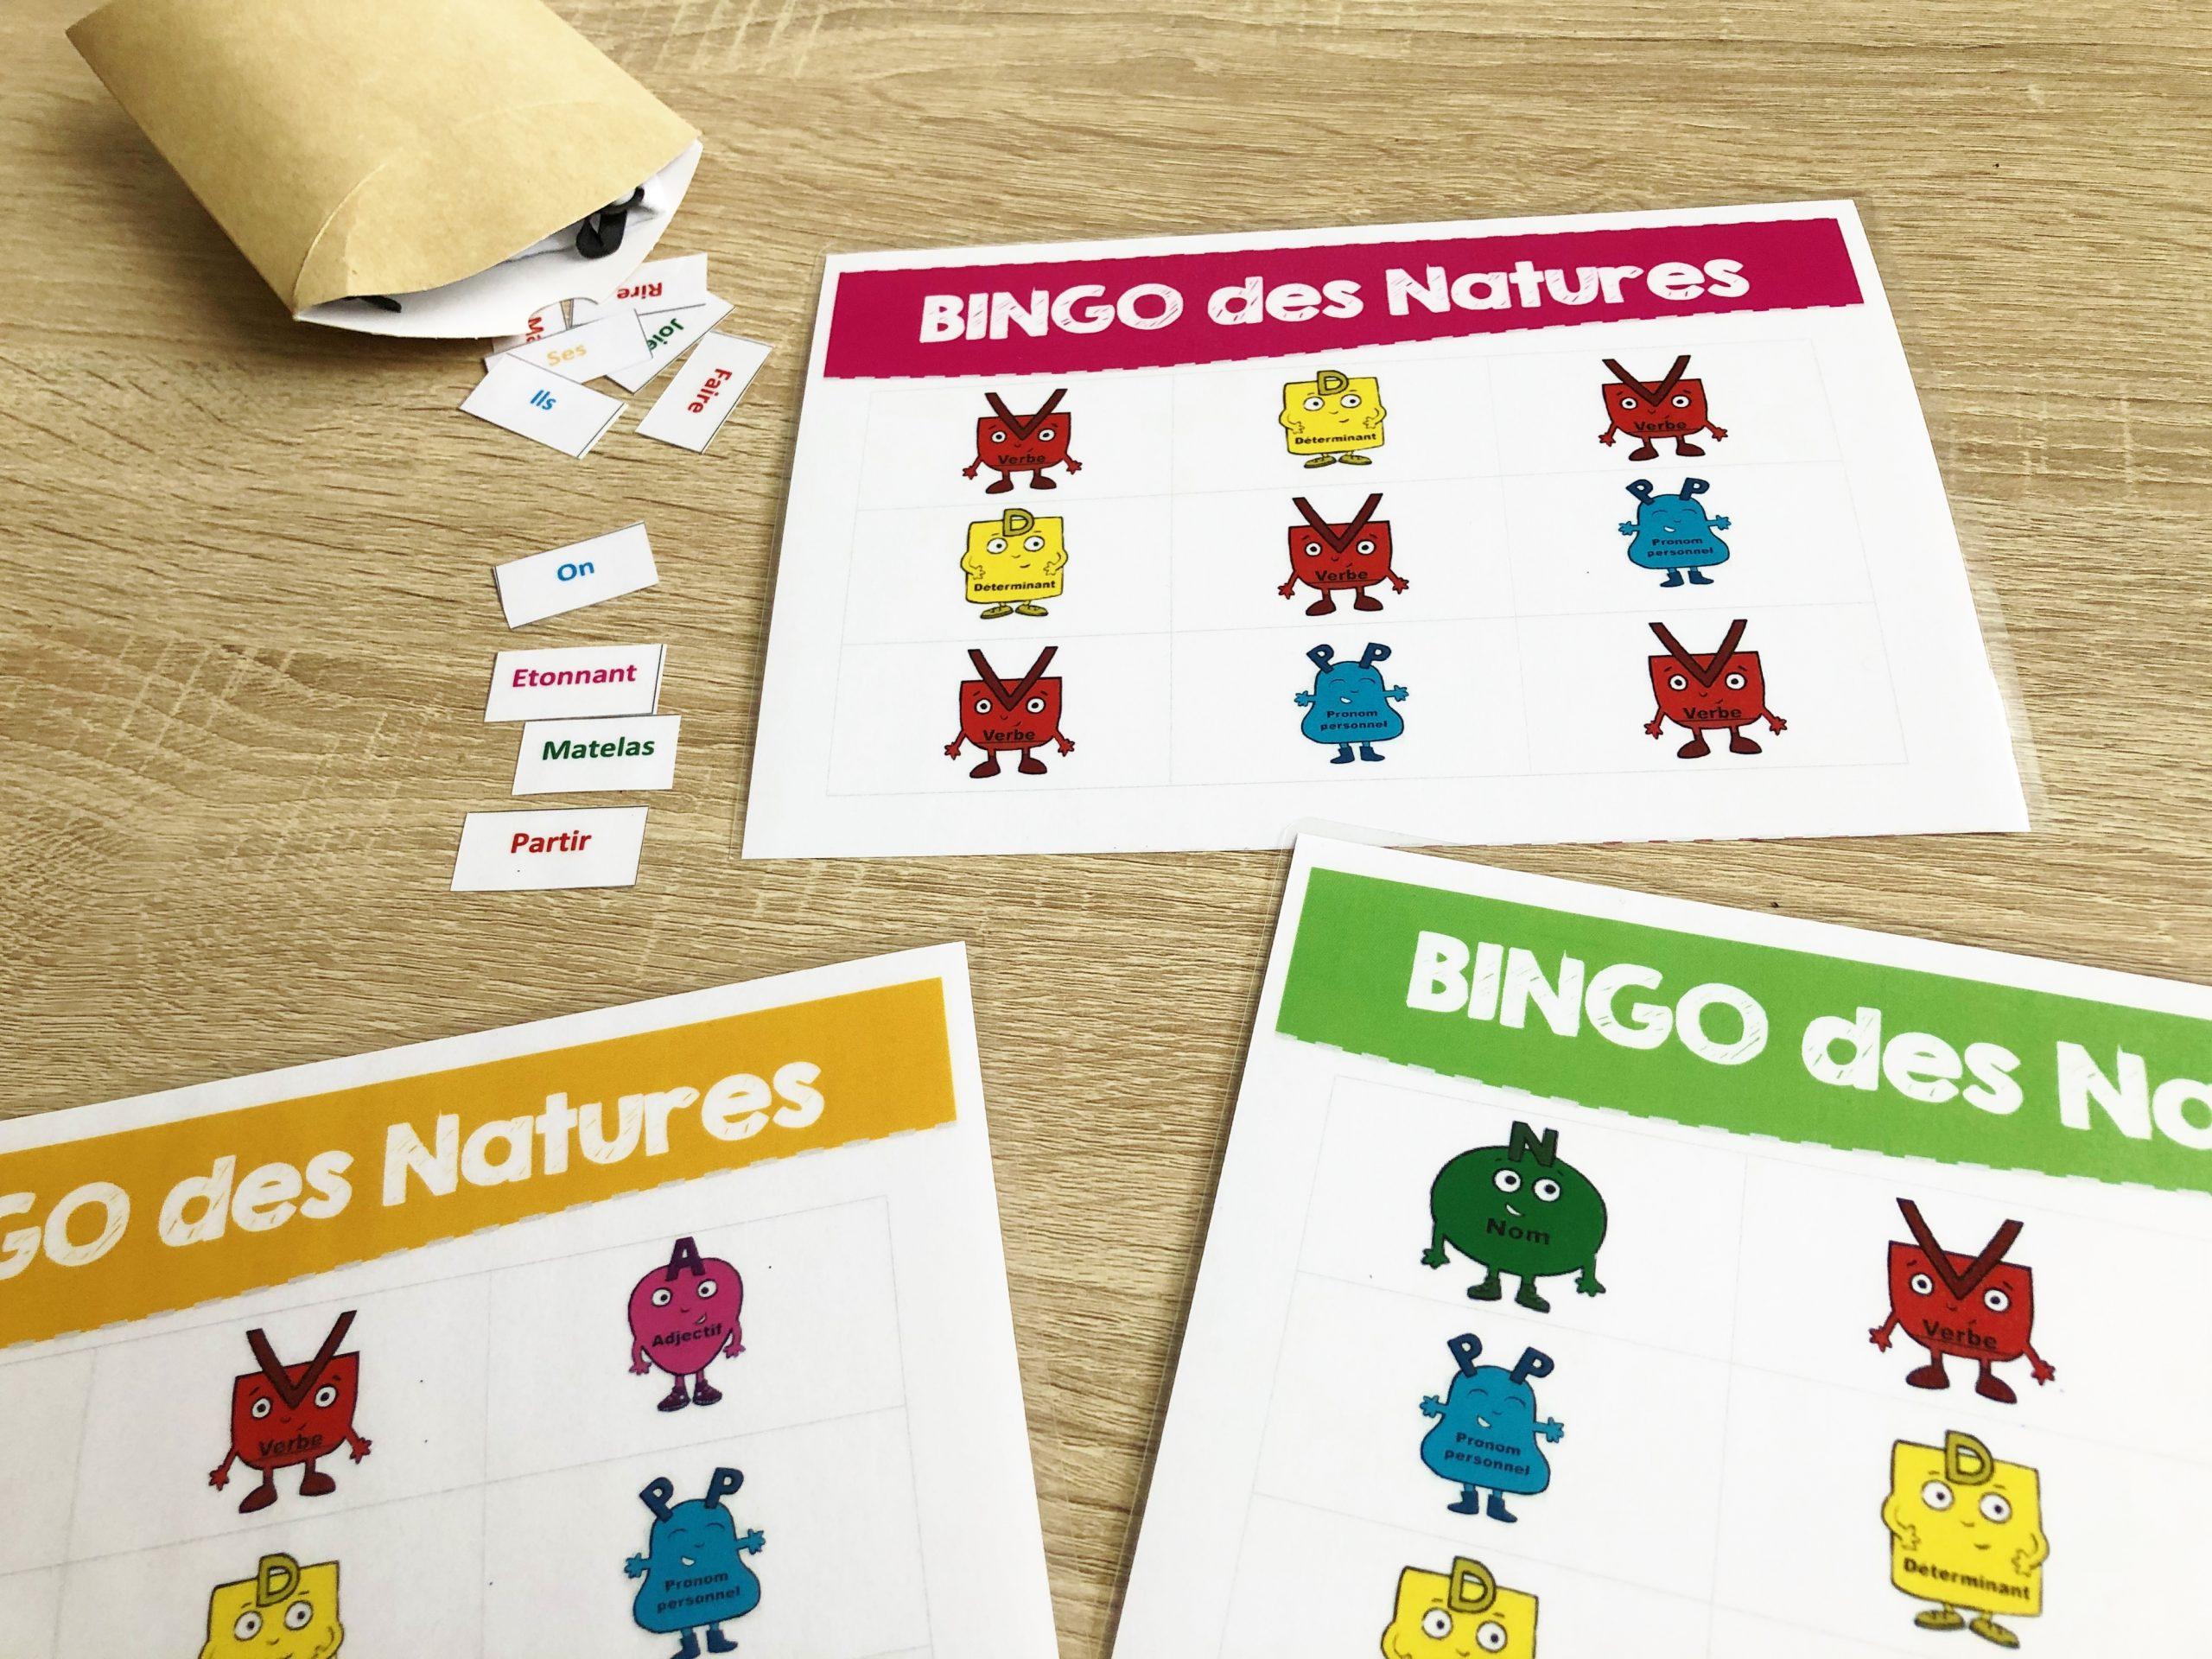 Bingo des natures